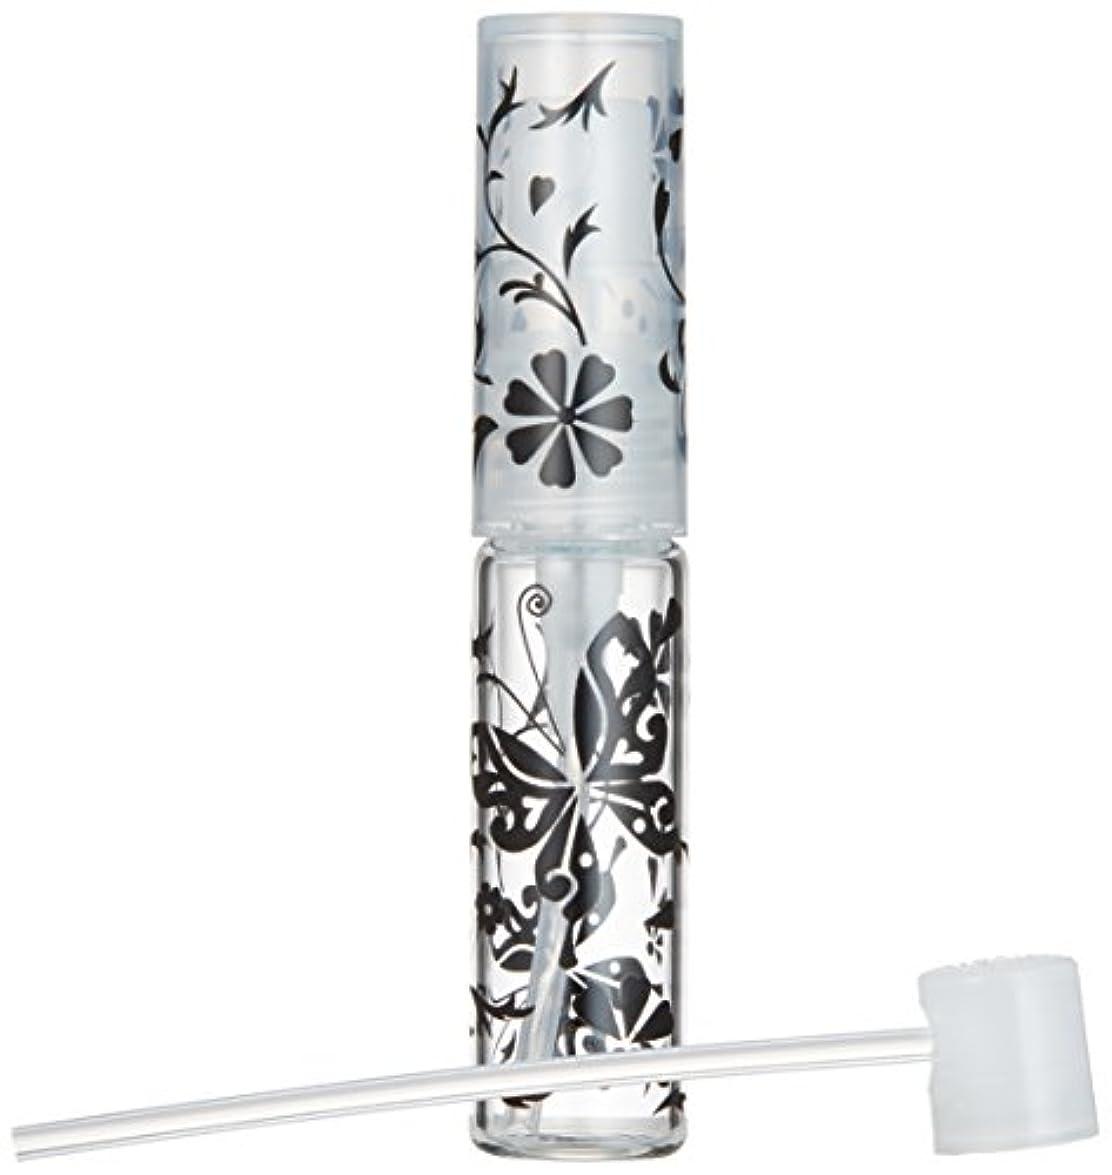 宣伝時代騒々しい50138 【ヤマダアトマイザー】グラスアトマイザー プラスチックポンプ 柄 バタフライ ブラック